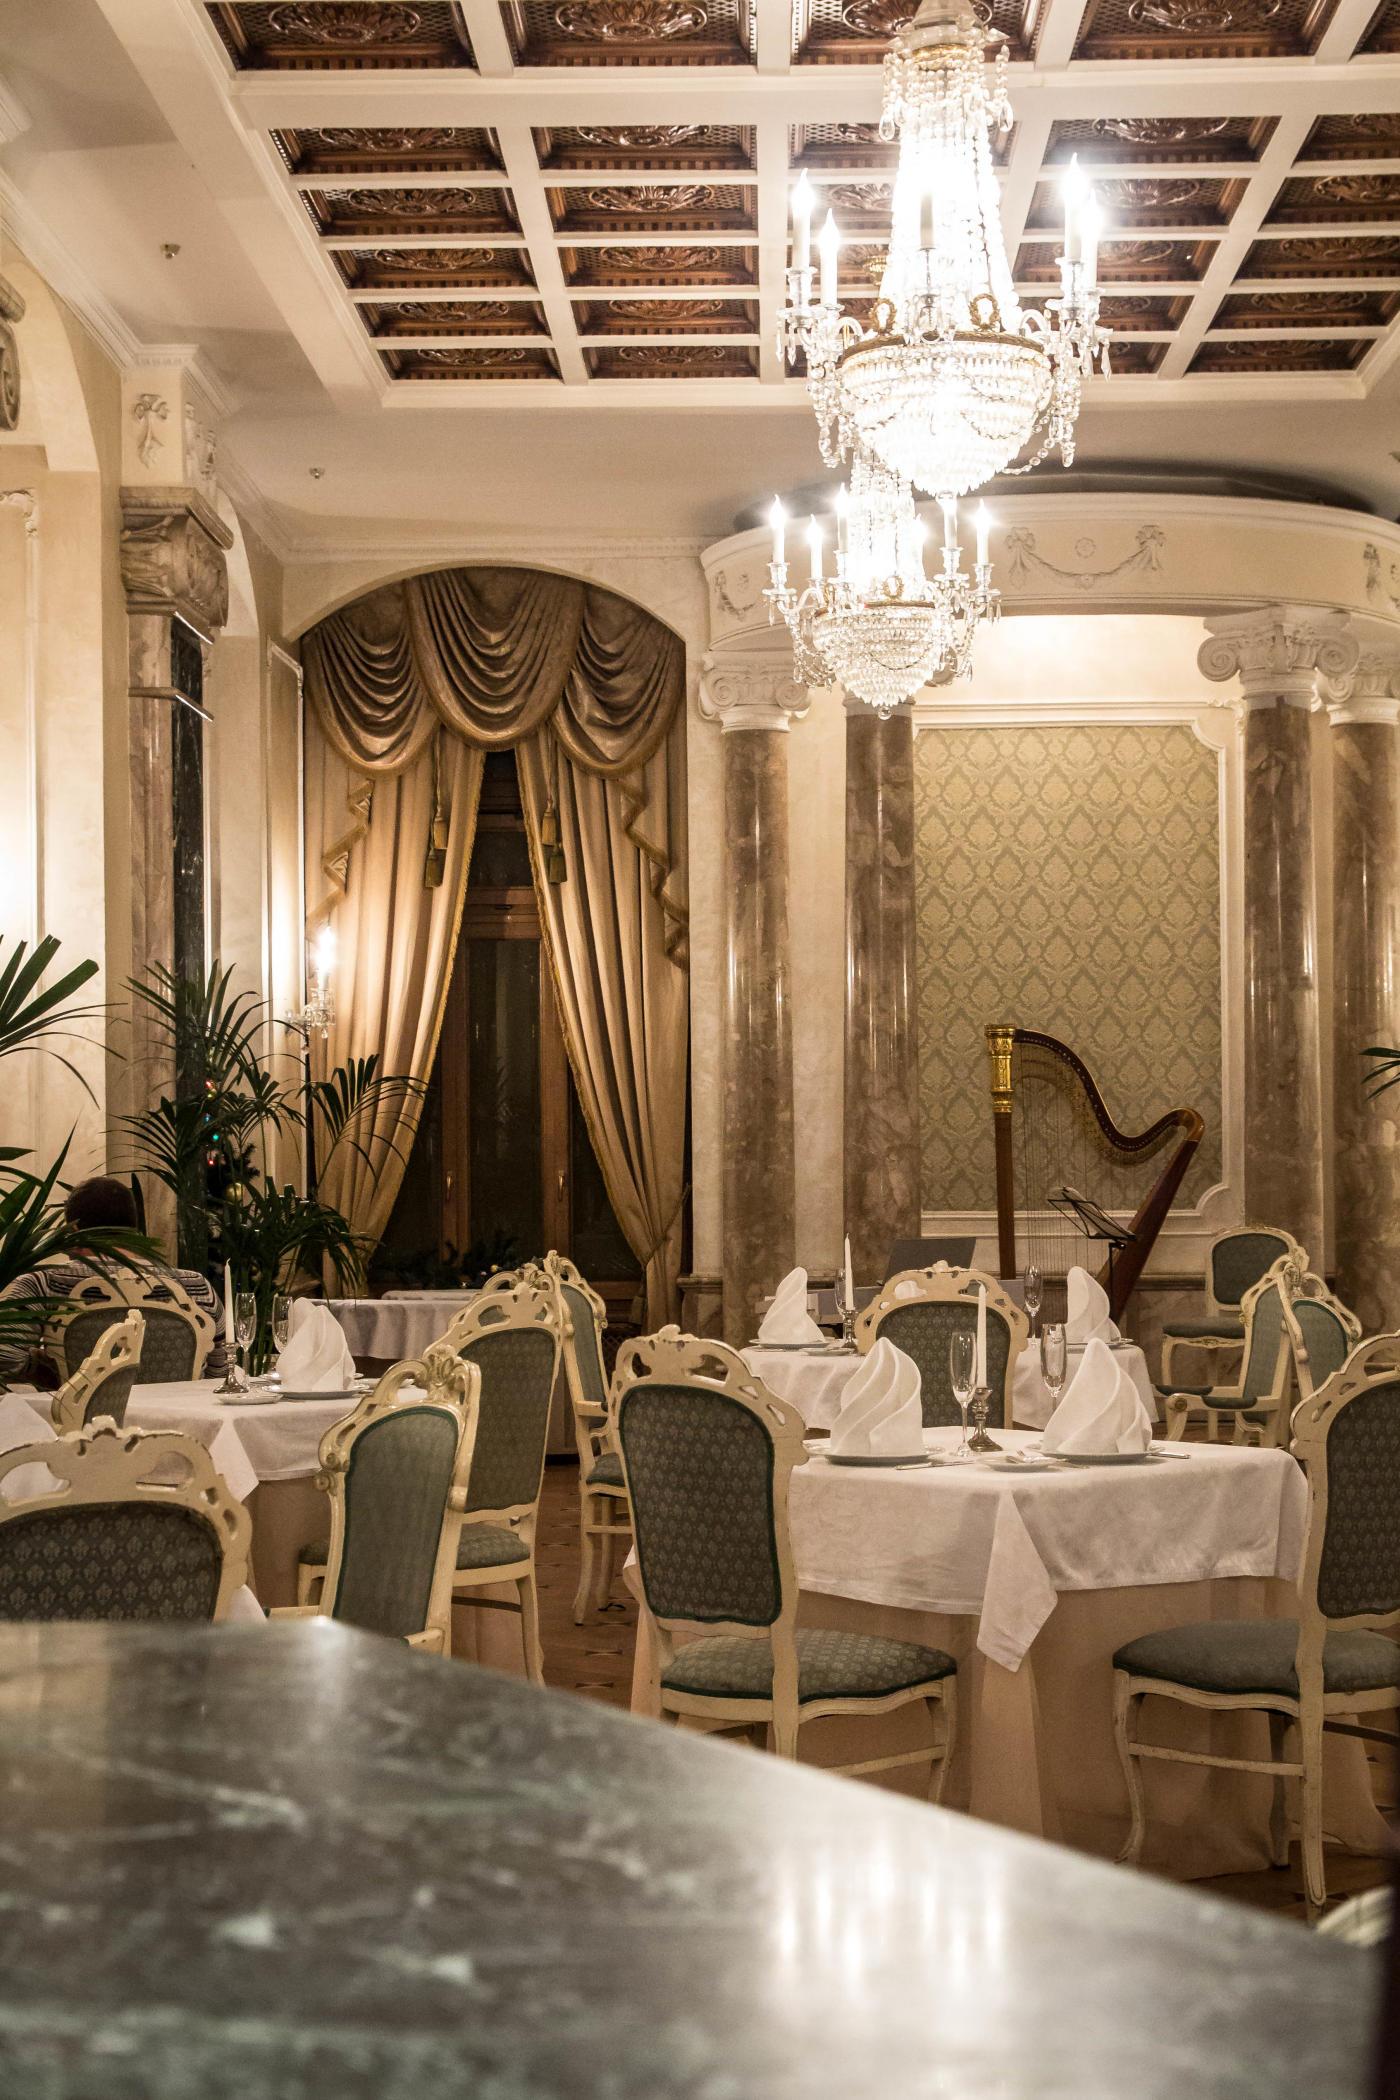 Ресторан Ривьера (Riviere) фото 30